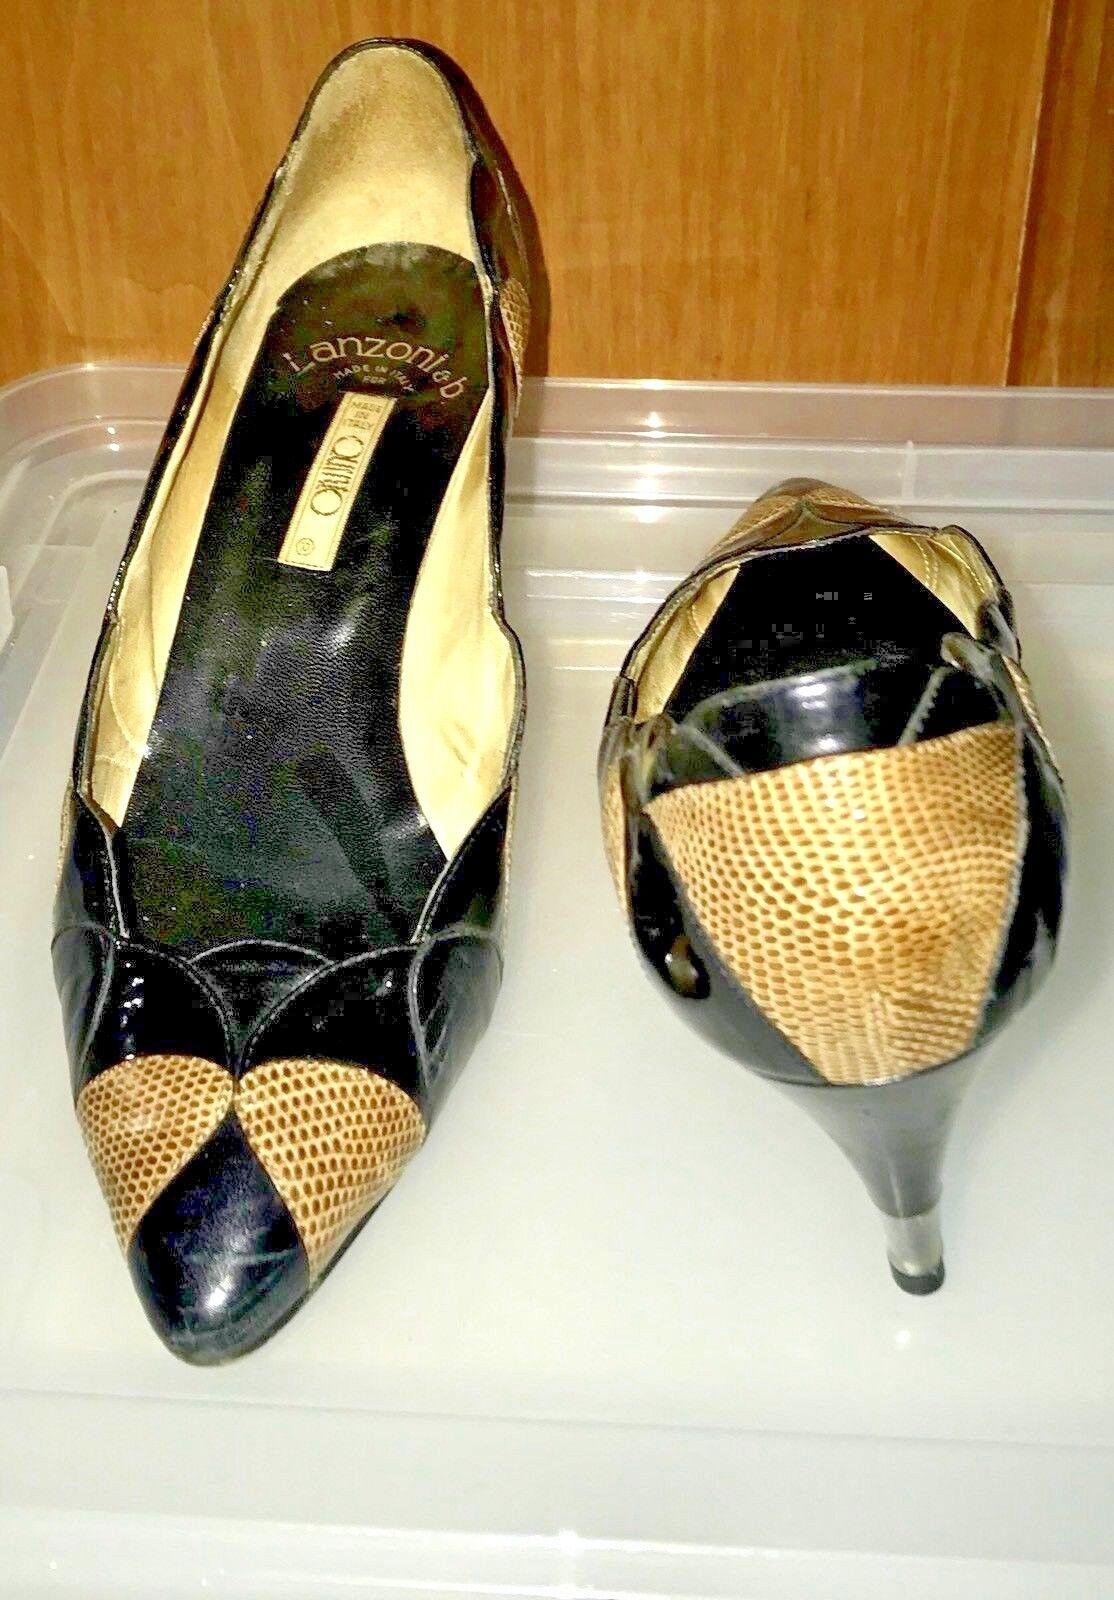 Lanzoni & B B B Zapatos Tacones 38 US 8 B charol y piel de serpiente  marca famosa